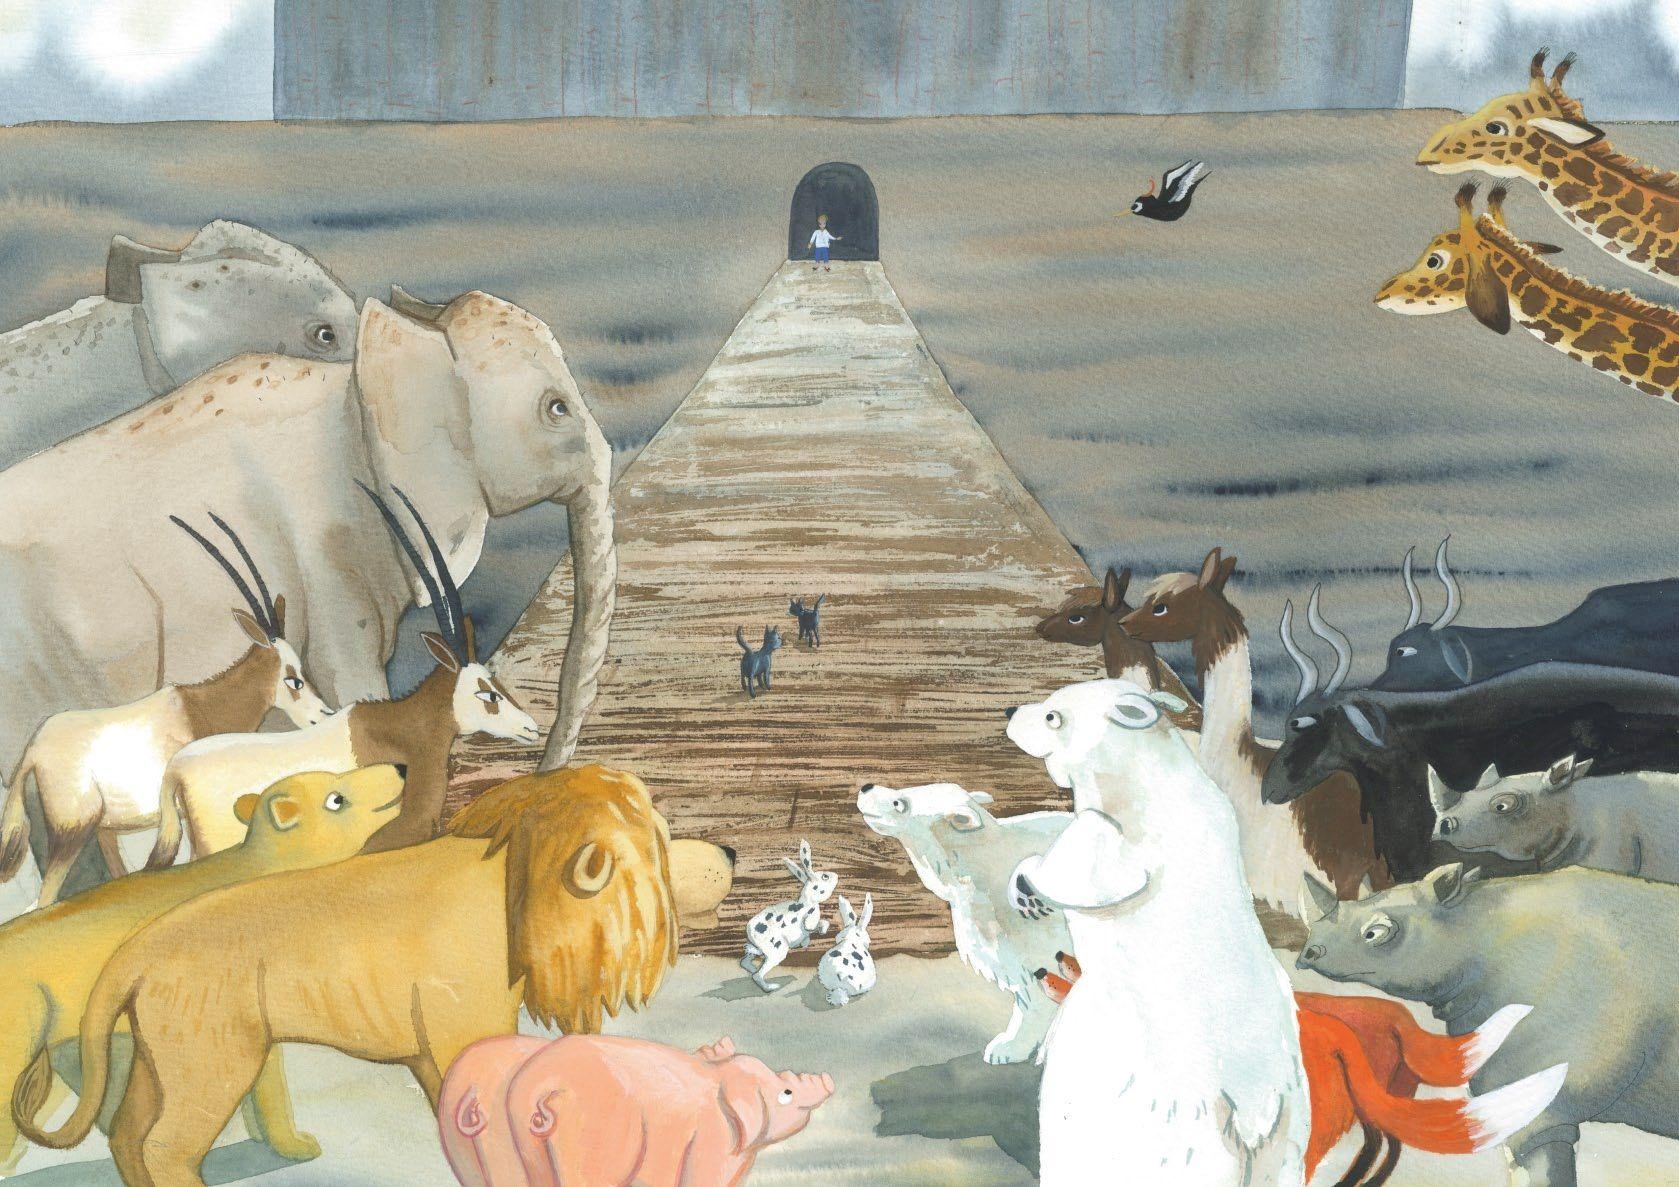 Ah!  Que historia tan maravilosa la de Noê.  La puedes buscar en el libro de Genesis.